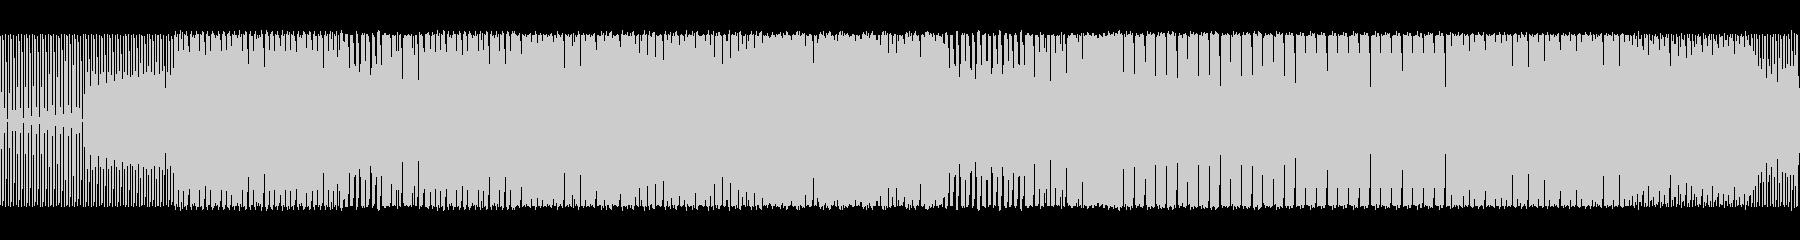 ベースラインが特徴的なハウスの未再生の波形